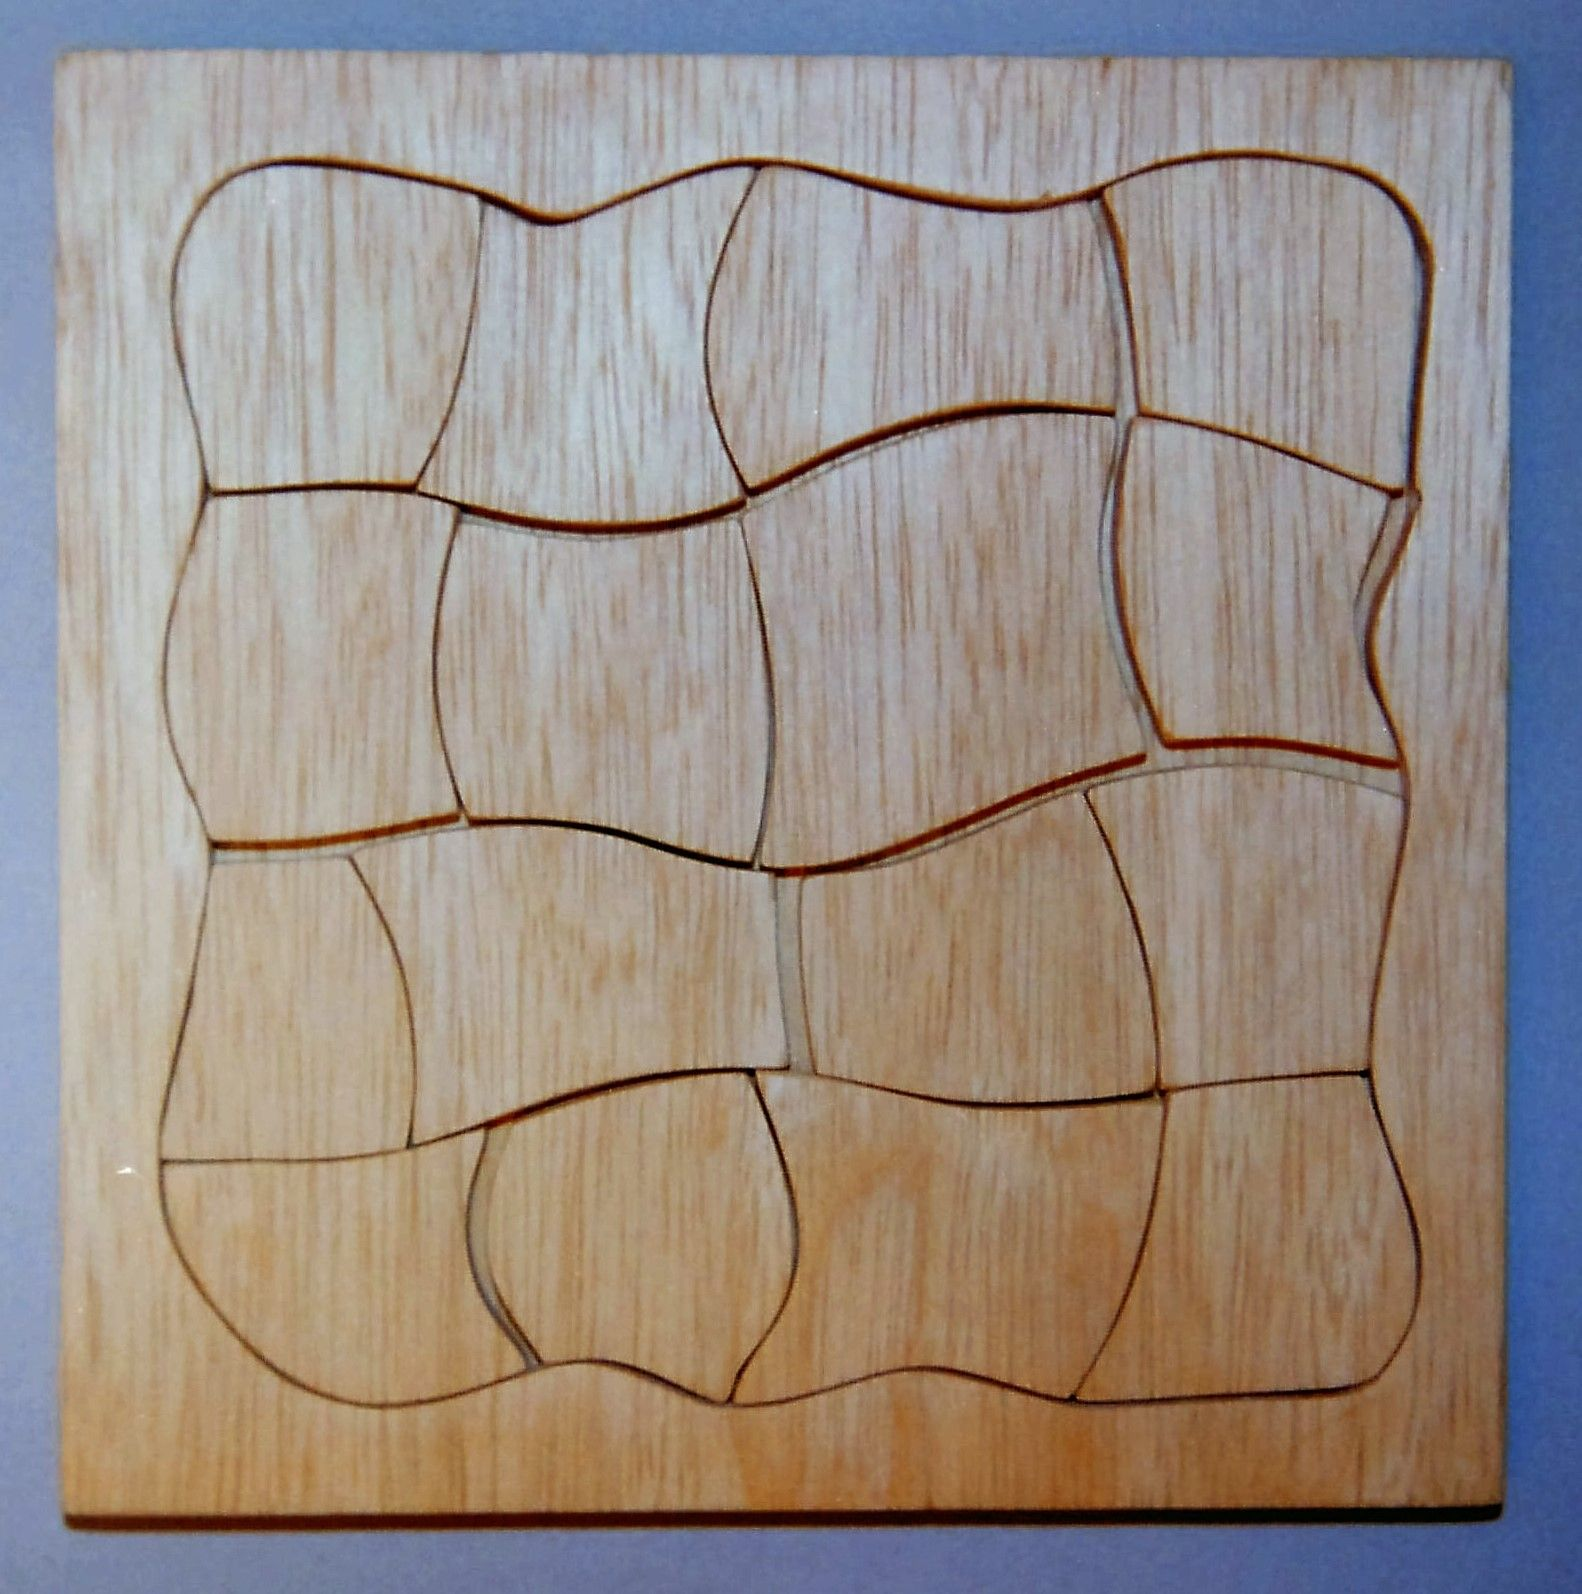 Holz, Spielzeug, Puzzle mit Rahmen und Grundplatte, ca. 15 x 15 cm ...